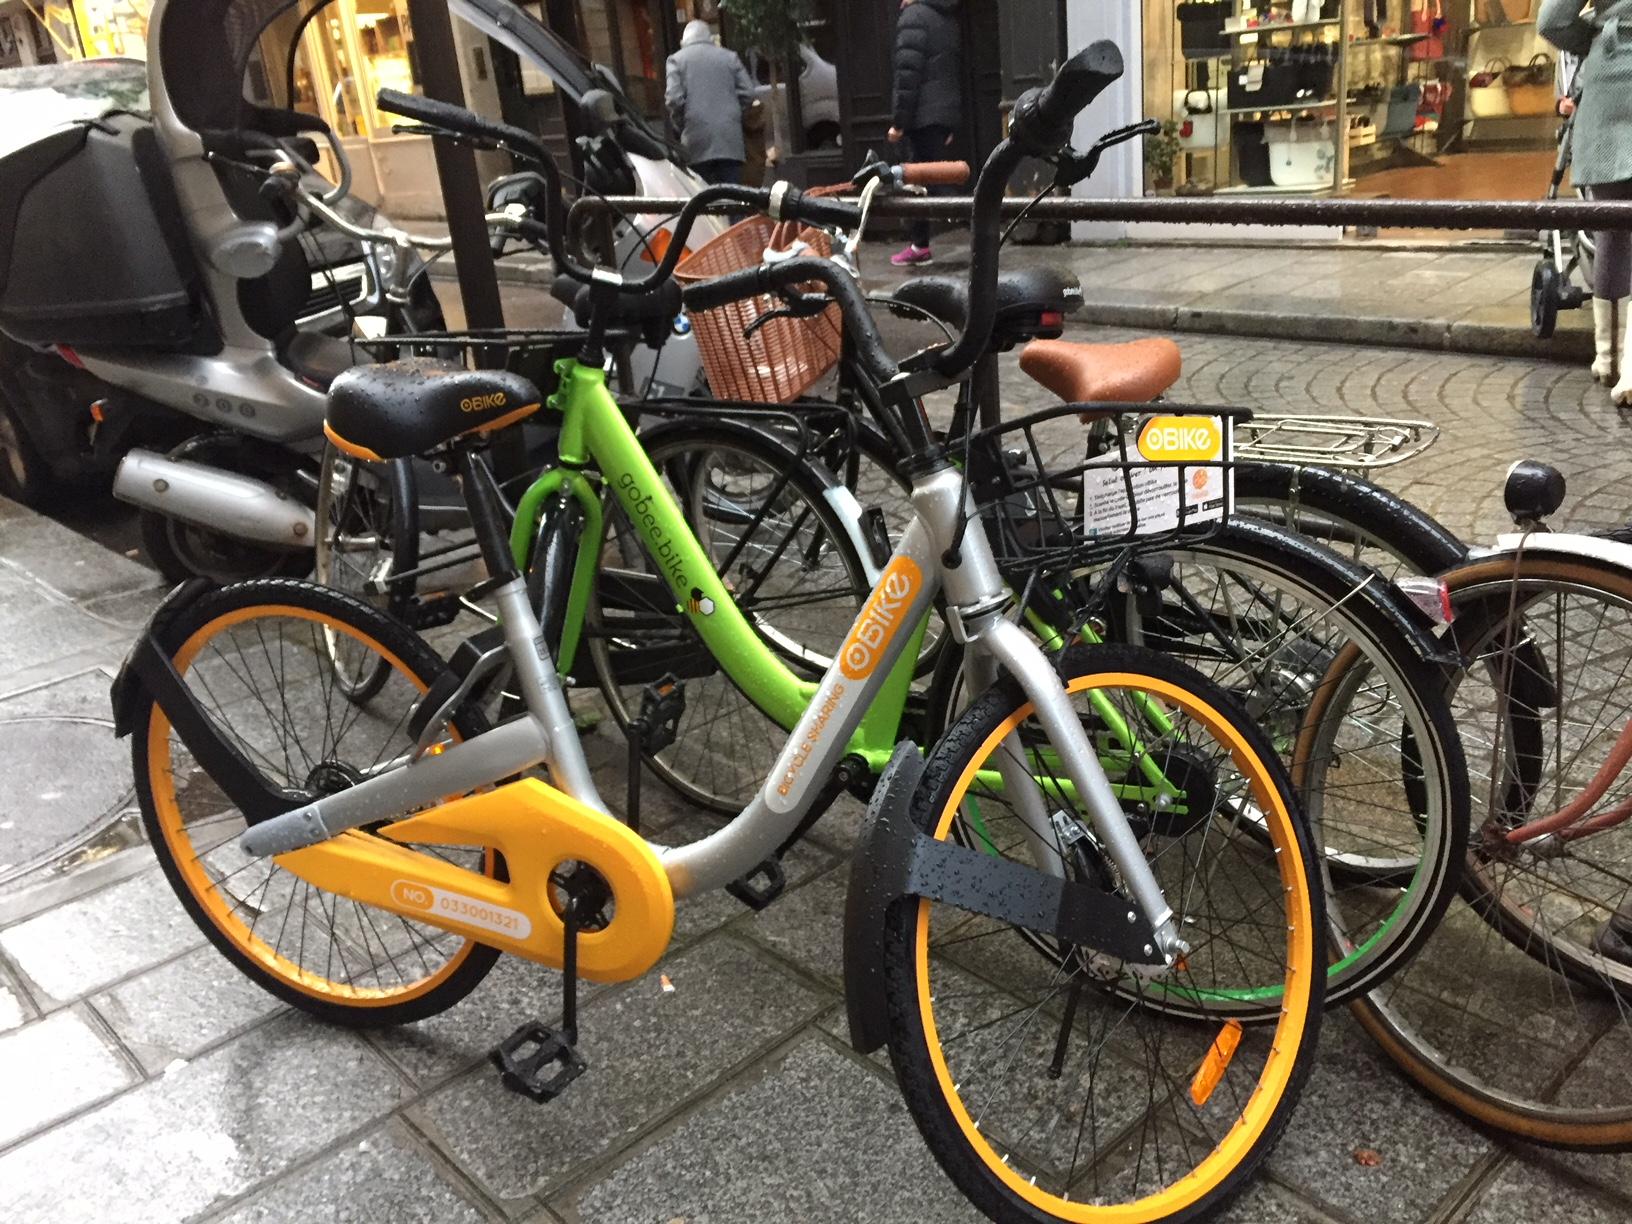 便利すぎる! パリの新レンタル自転車サービス、Gobee.bikeを徹底解剖。